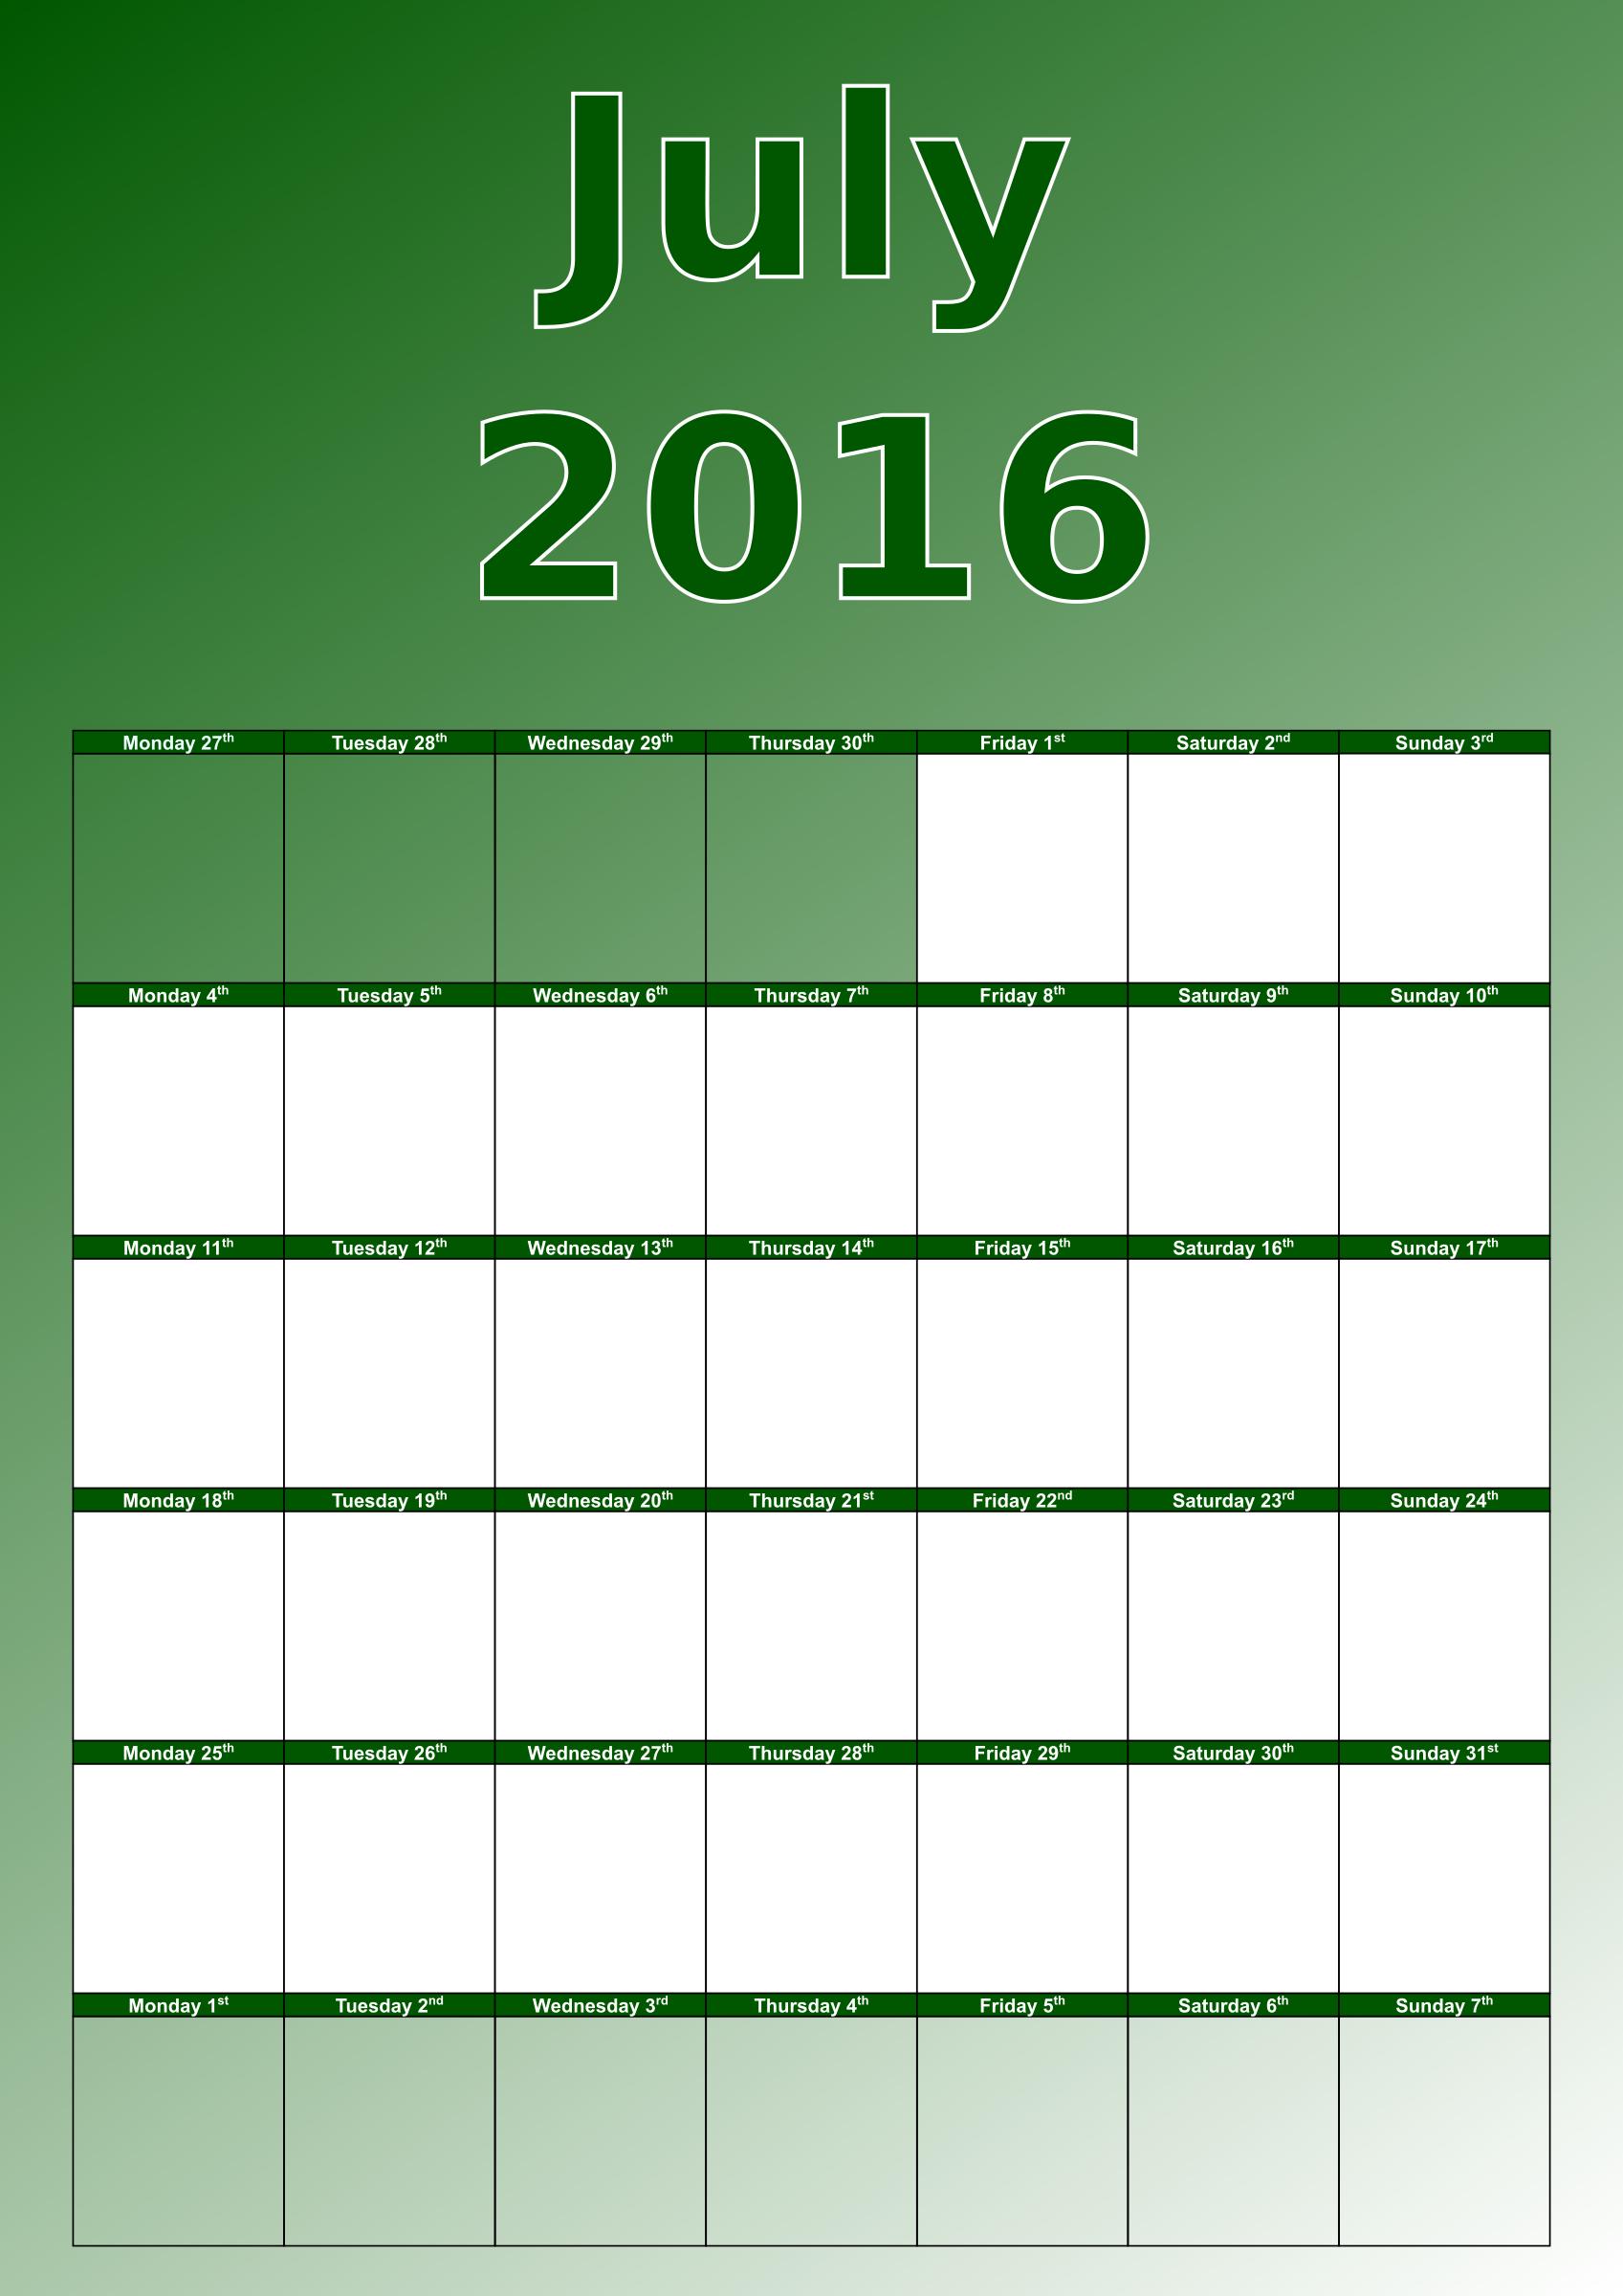 July Calendar Artwork : Clipart july calendar